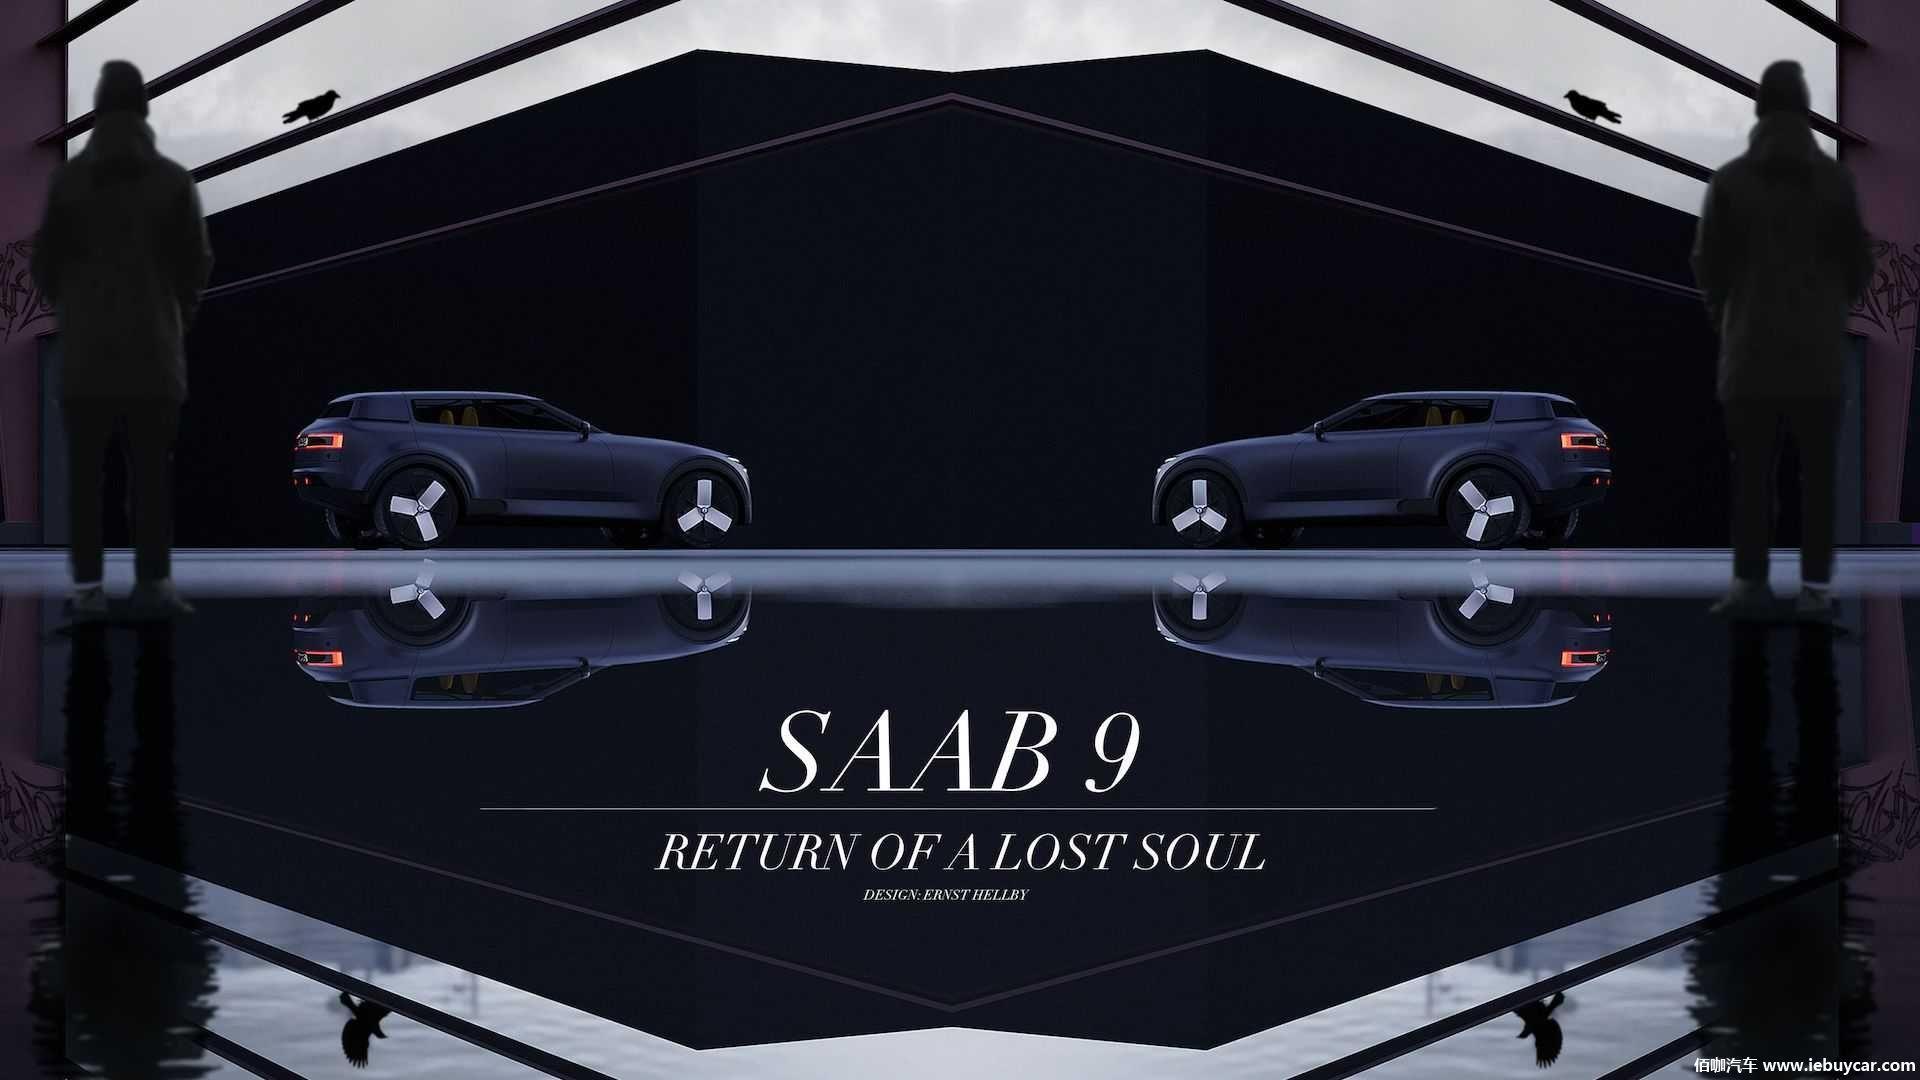 薩博Saab有望復活?瑞典老牌汽車之王Saab渲染假想圖曝光